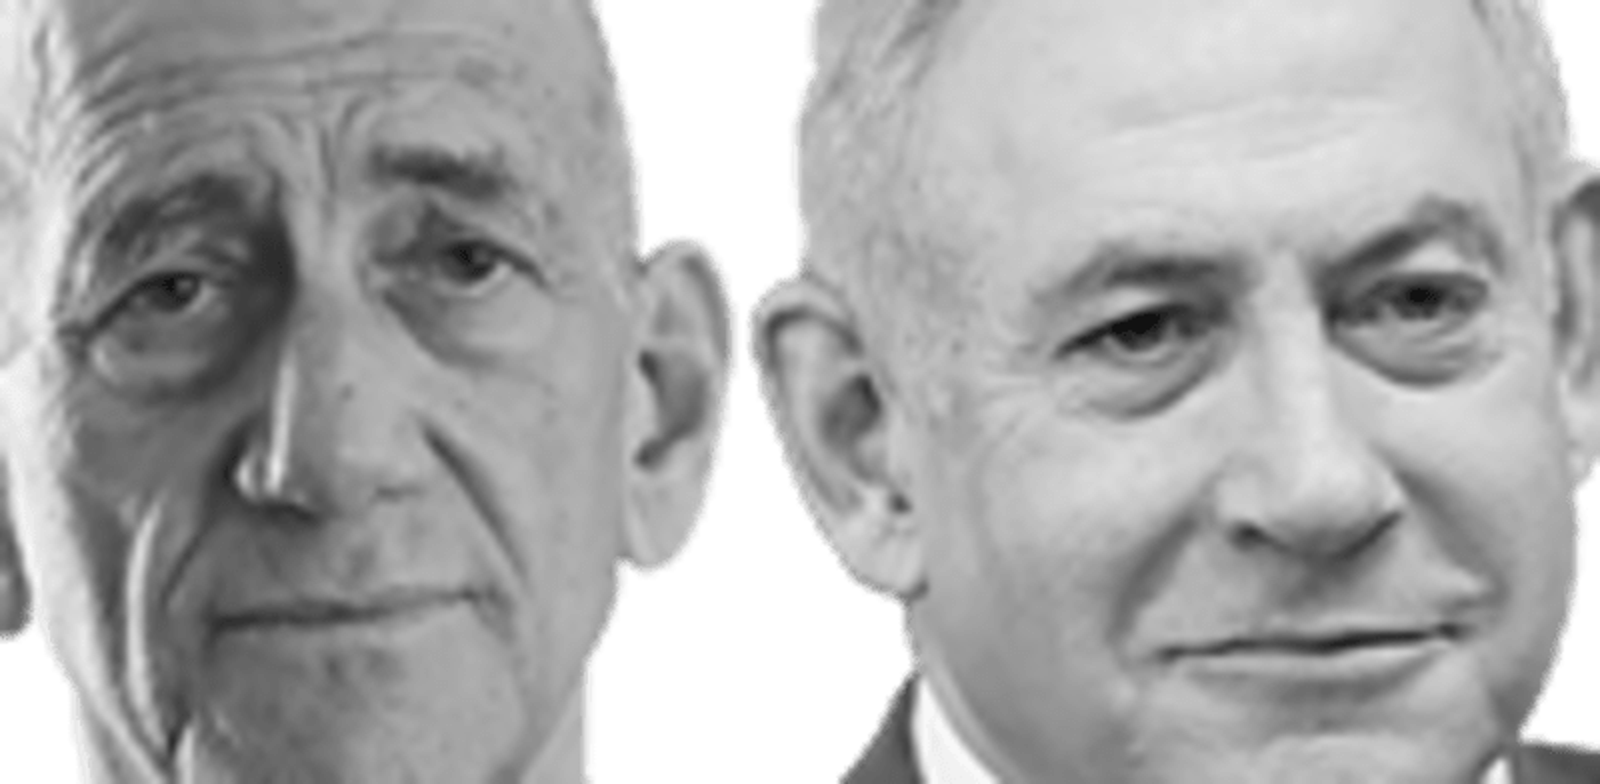 נתניהו נגד אולמרט: הקרב המיותר בין ראשי הממשלה לשעבר